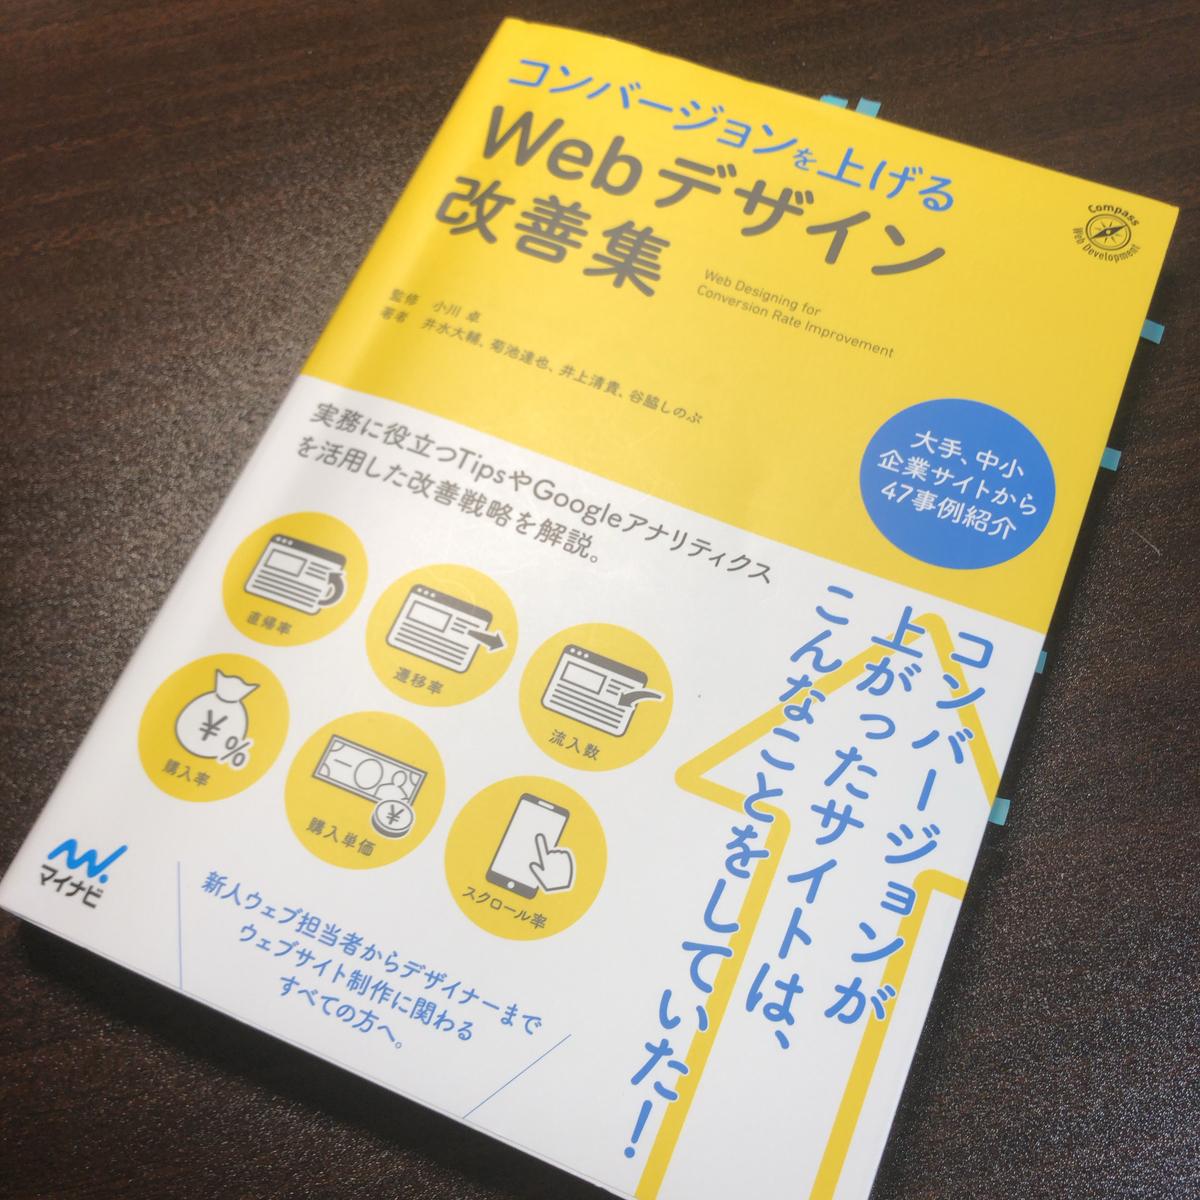 『Webデザイン改善集』の画像